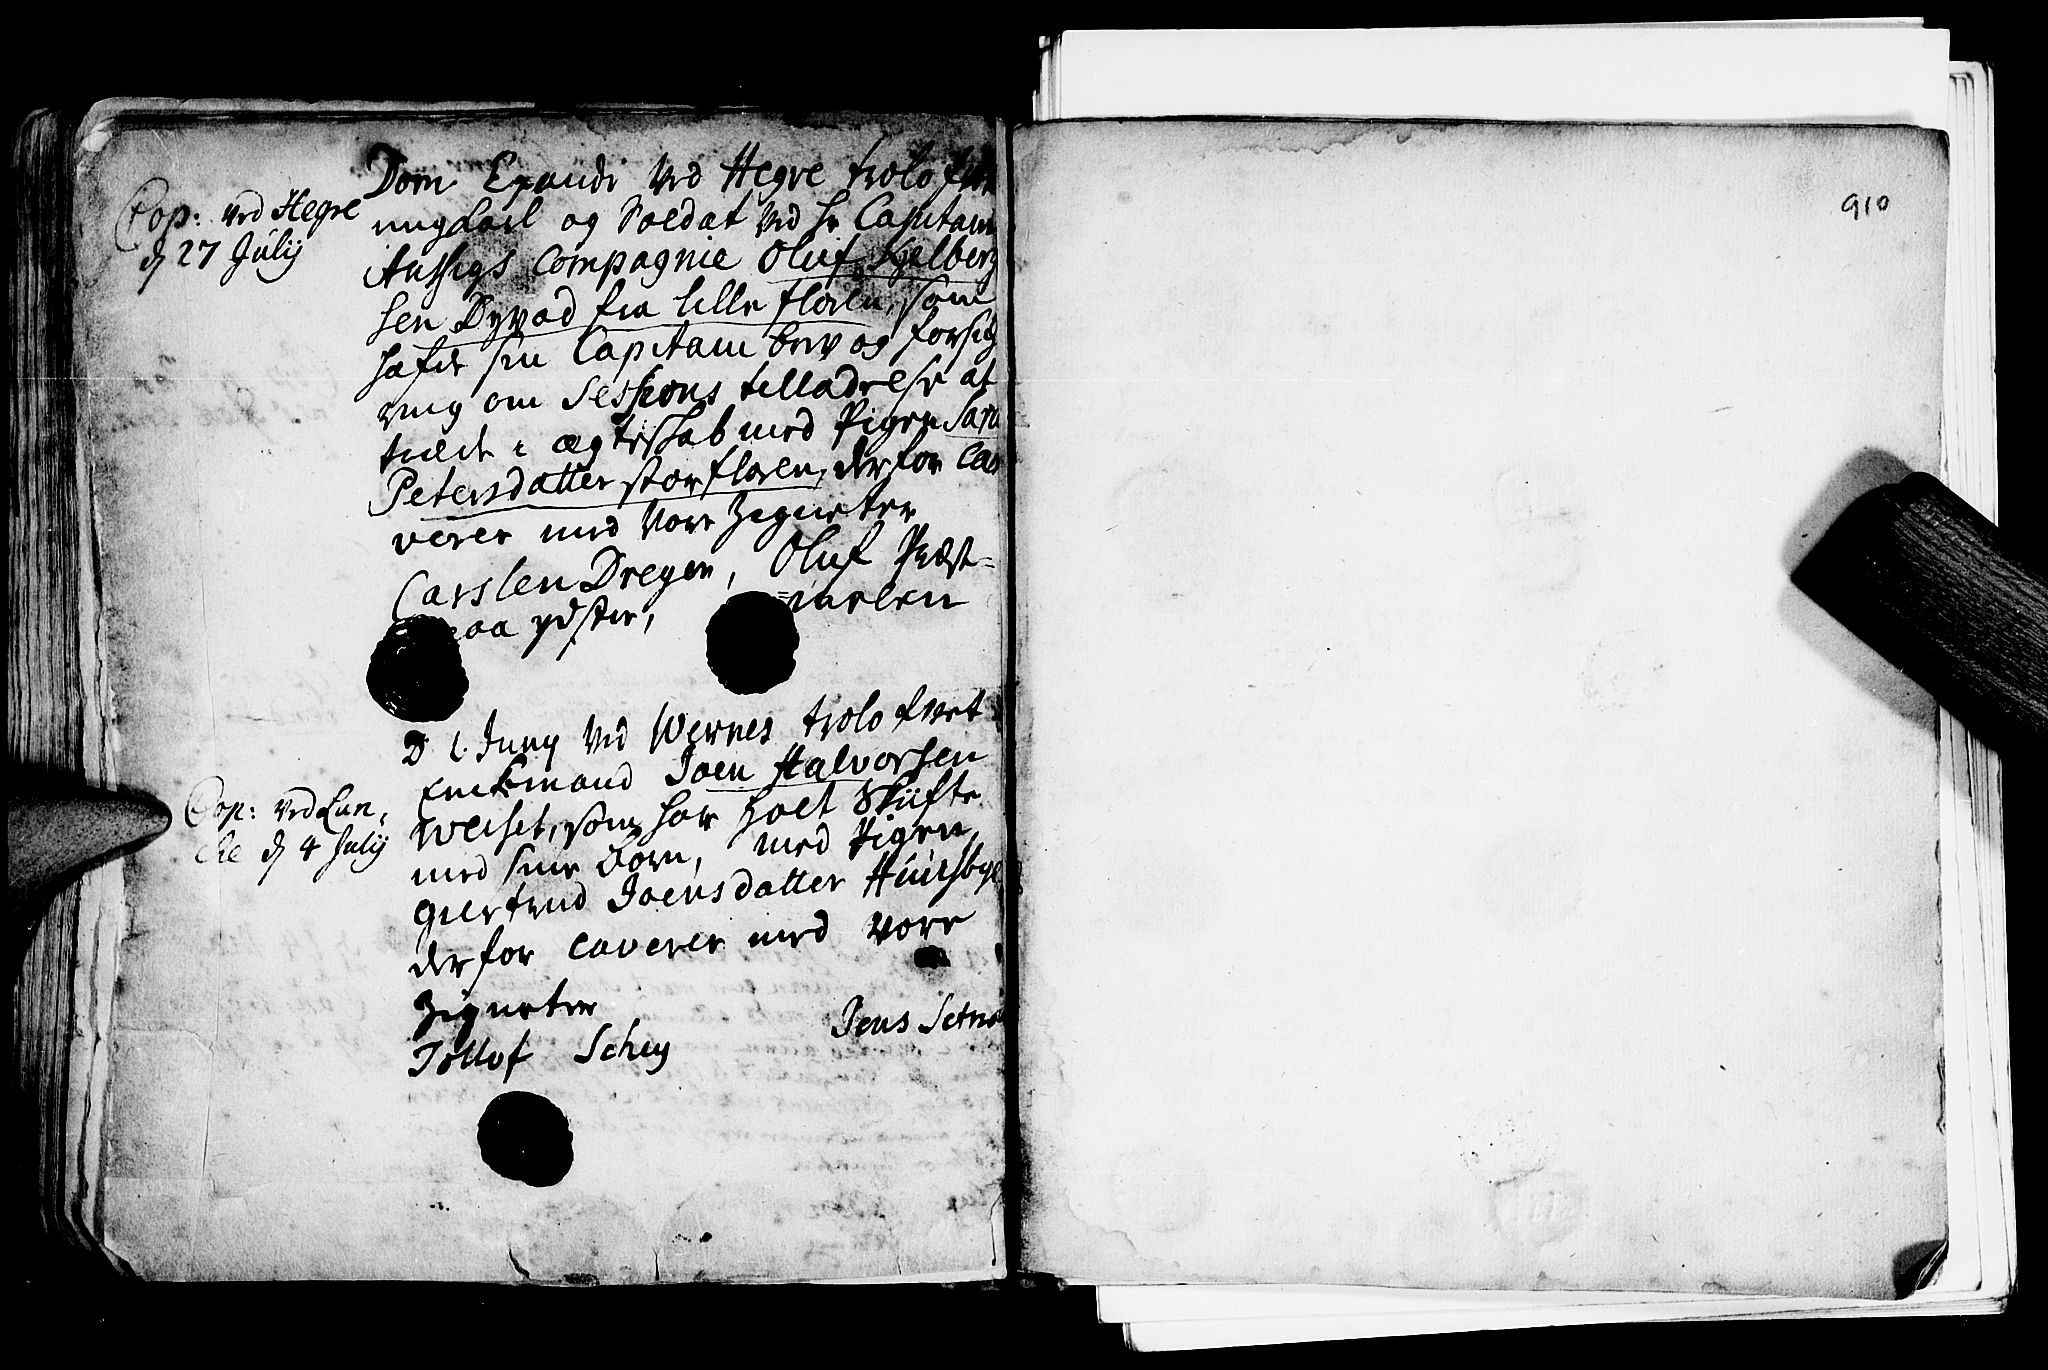 SAT, Ministerialprotokoller, klokkerbøker og fødselsregistre - Nord-Trøndelag, 709/L0055: Ministerialbok nr. 709A03, 1730-1739, s. 909-910